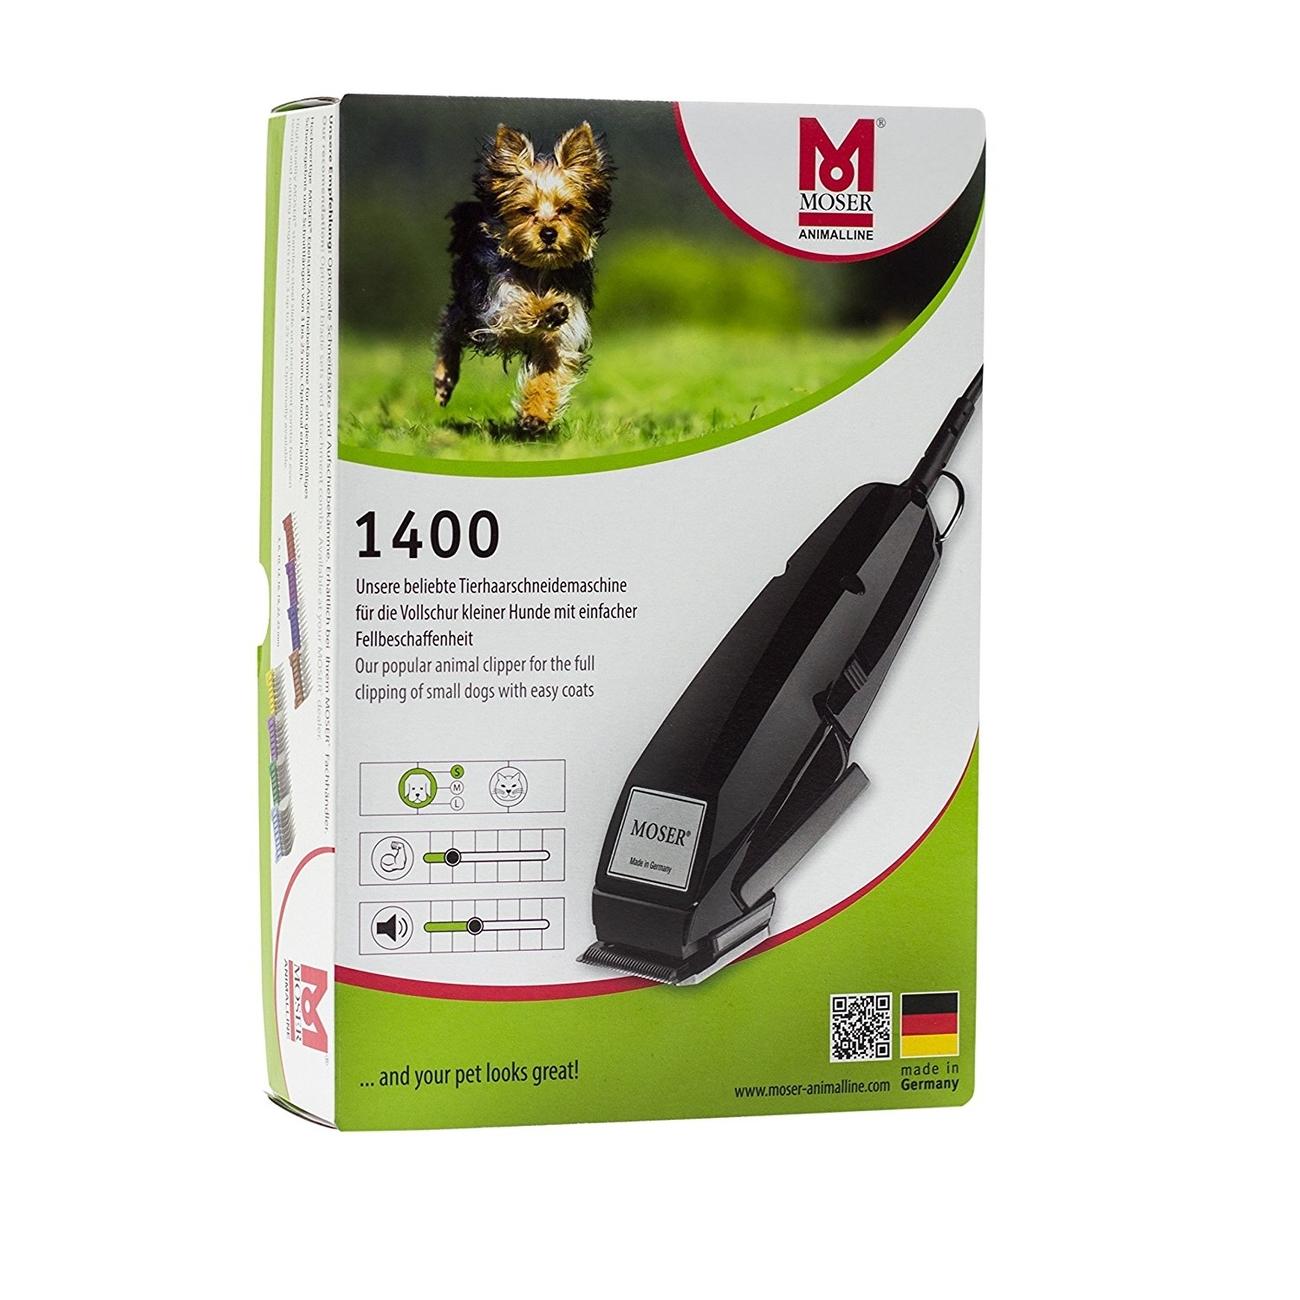 Moser Tierschermaschine Typ 1400 Animal Clipper-Set, Bild 4